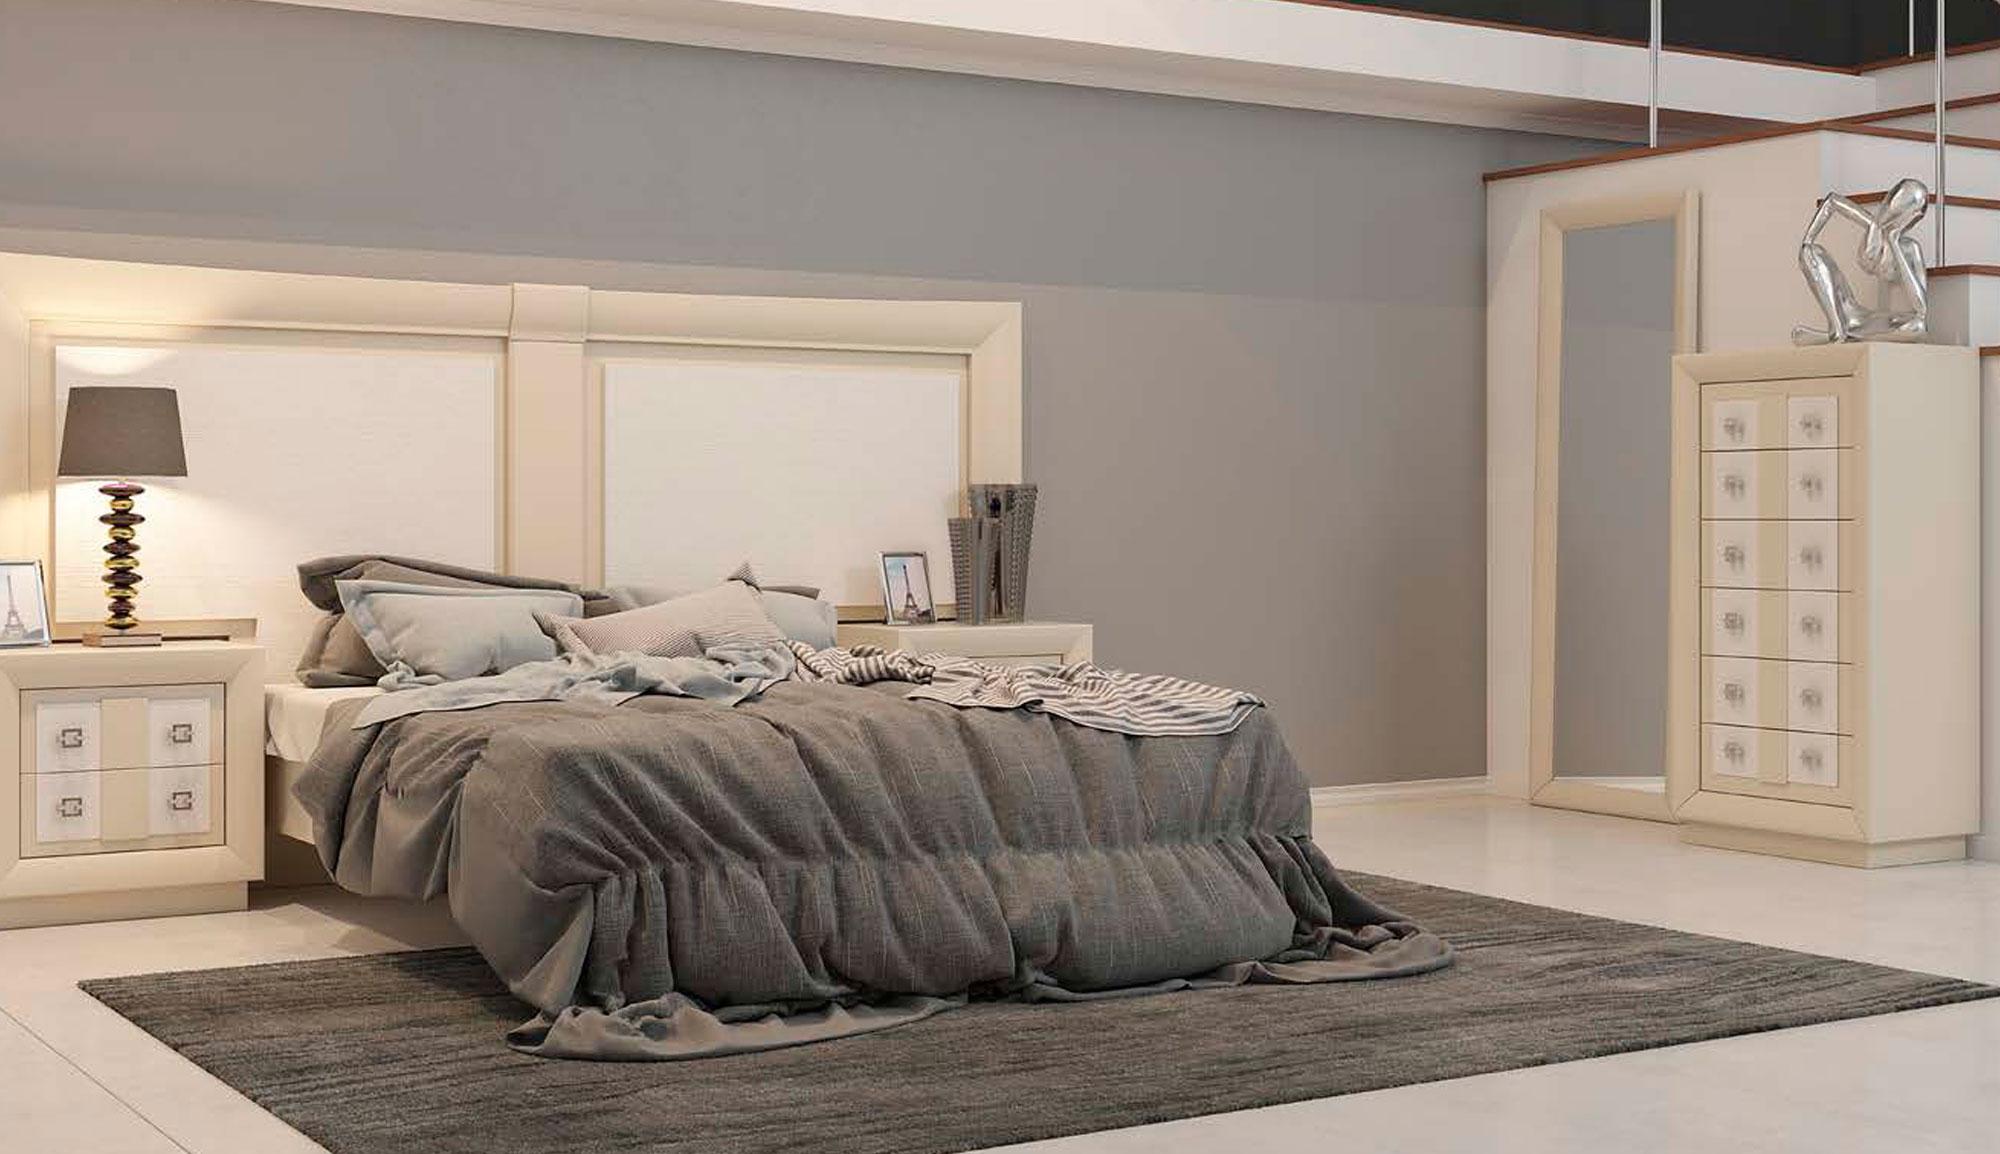 lonres-dormitorio-portada